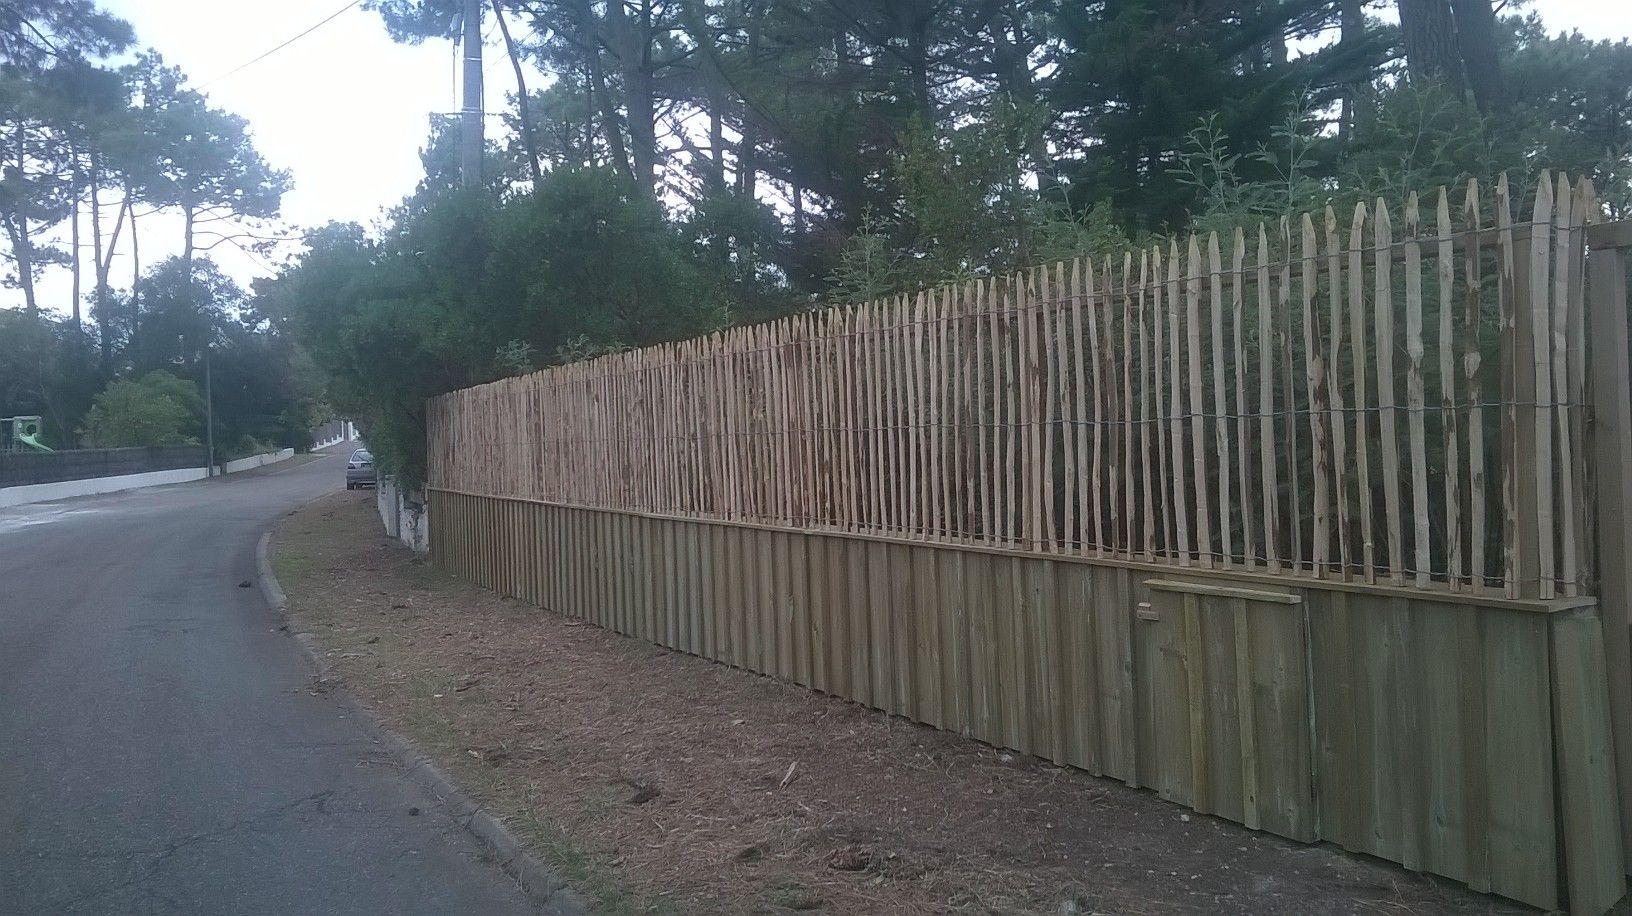 Lmf Bois À Réaliser Une Clôture Avec De La Volige + Couvre intérieur Couvre Joint Bois Castorama